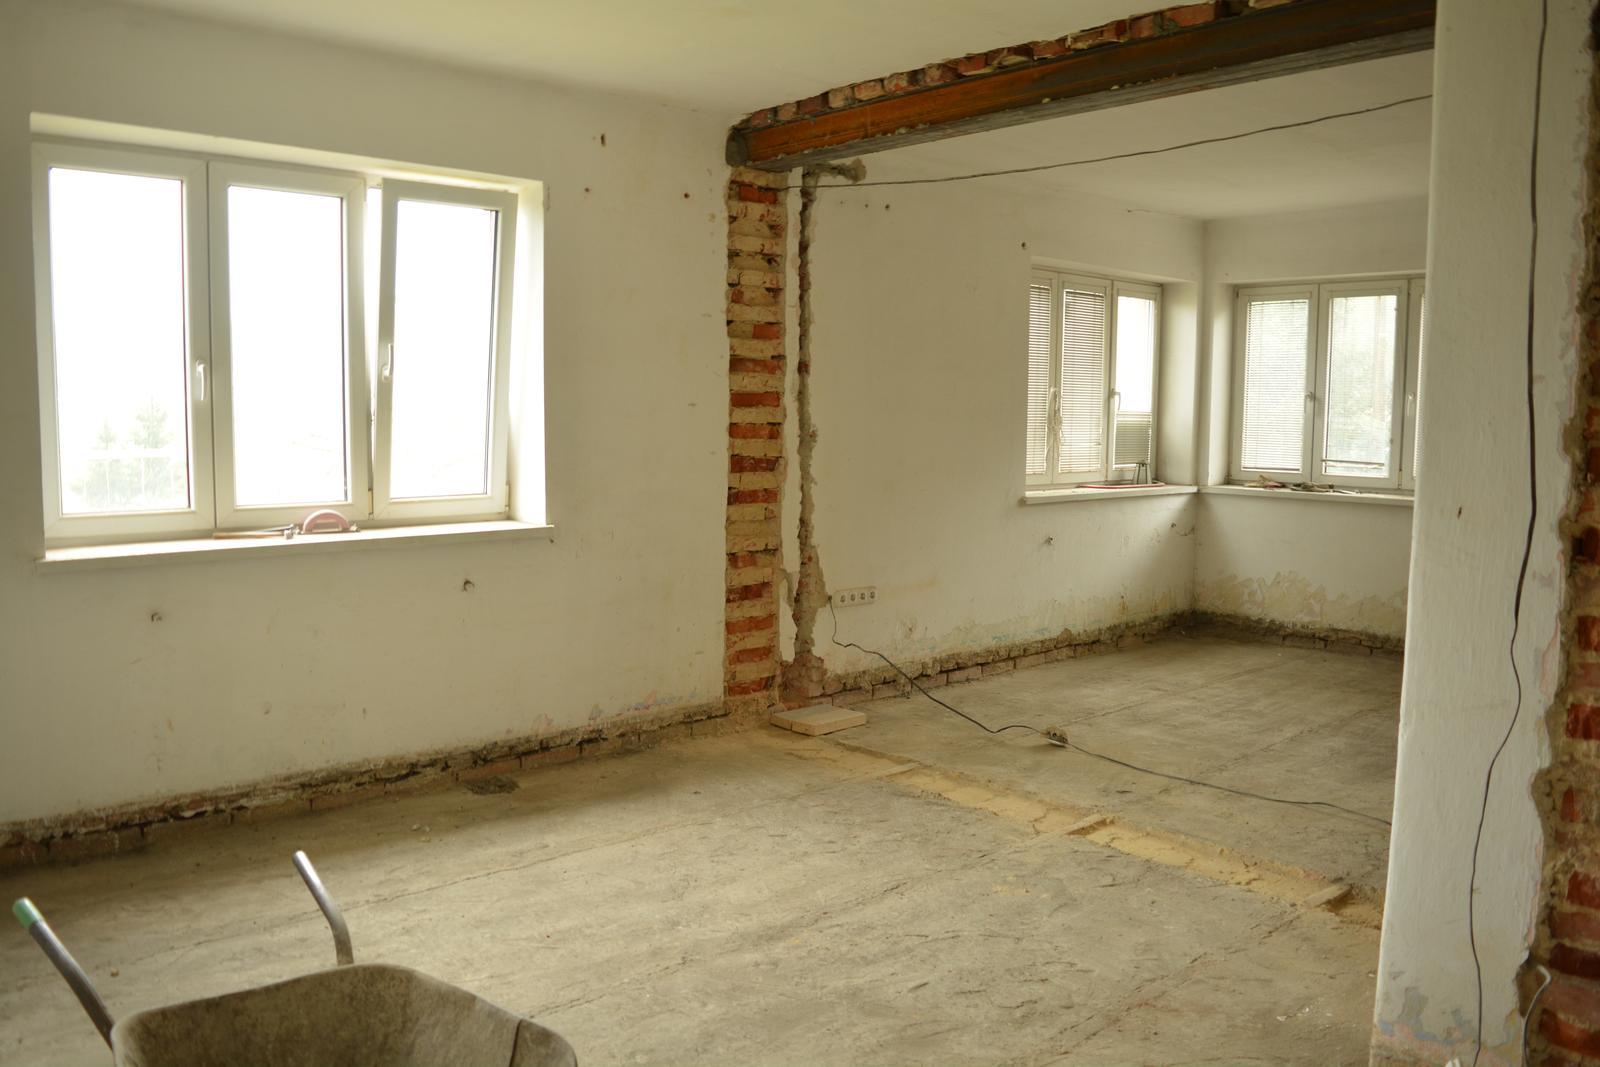 Náš nový domov ... - Naše srdce domova - obývák a jídelna ... místo okna vlevo budou posuvné dveře na terasu